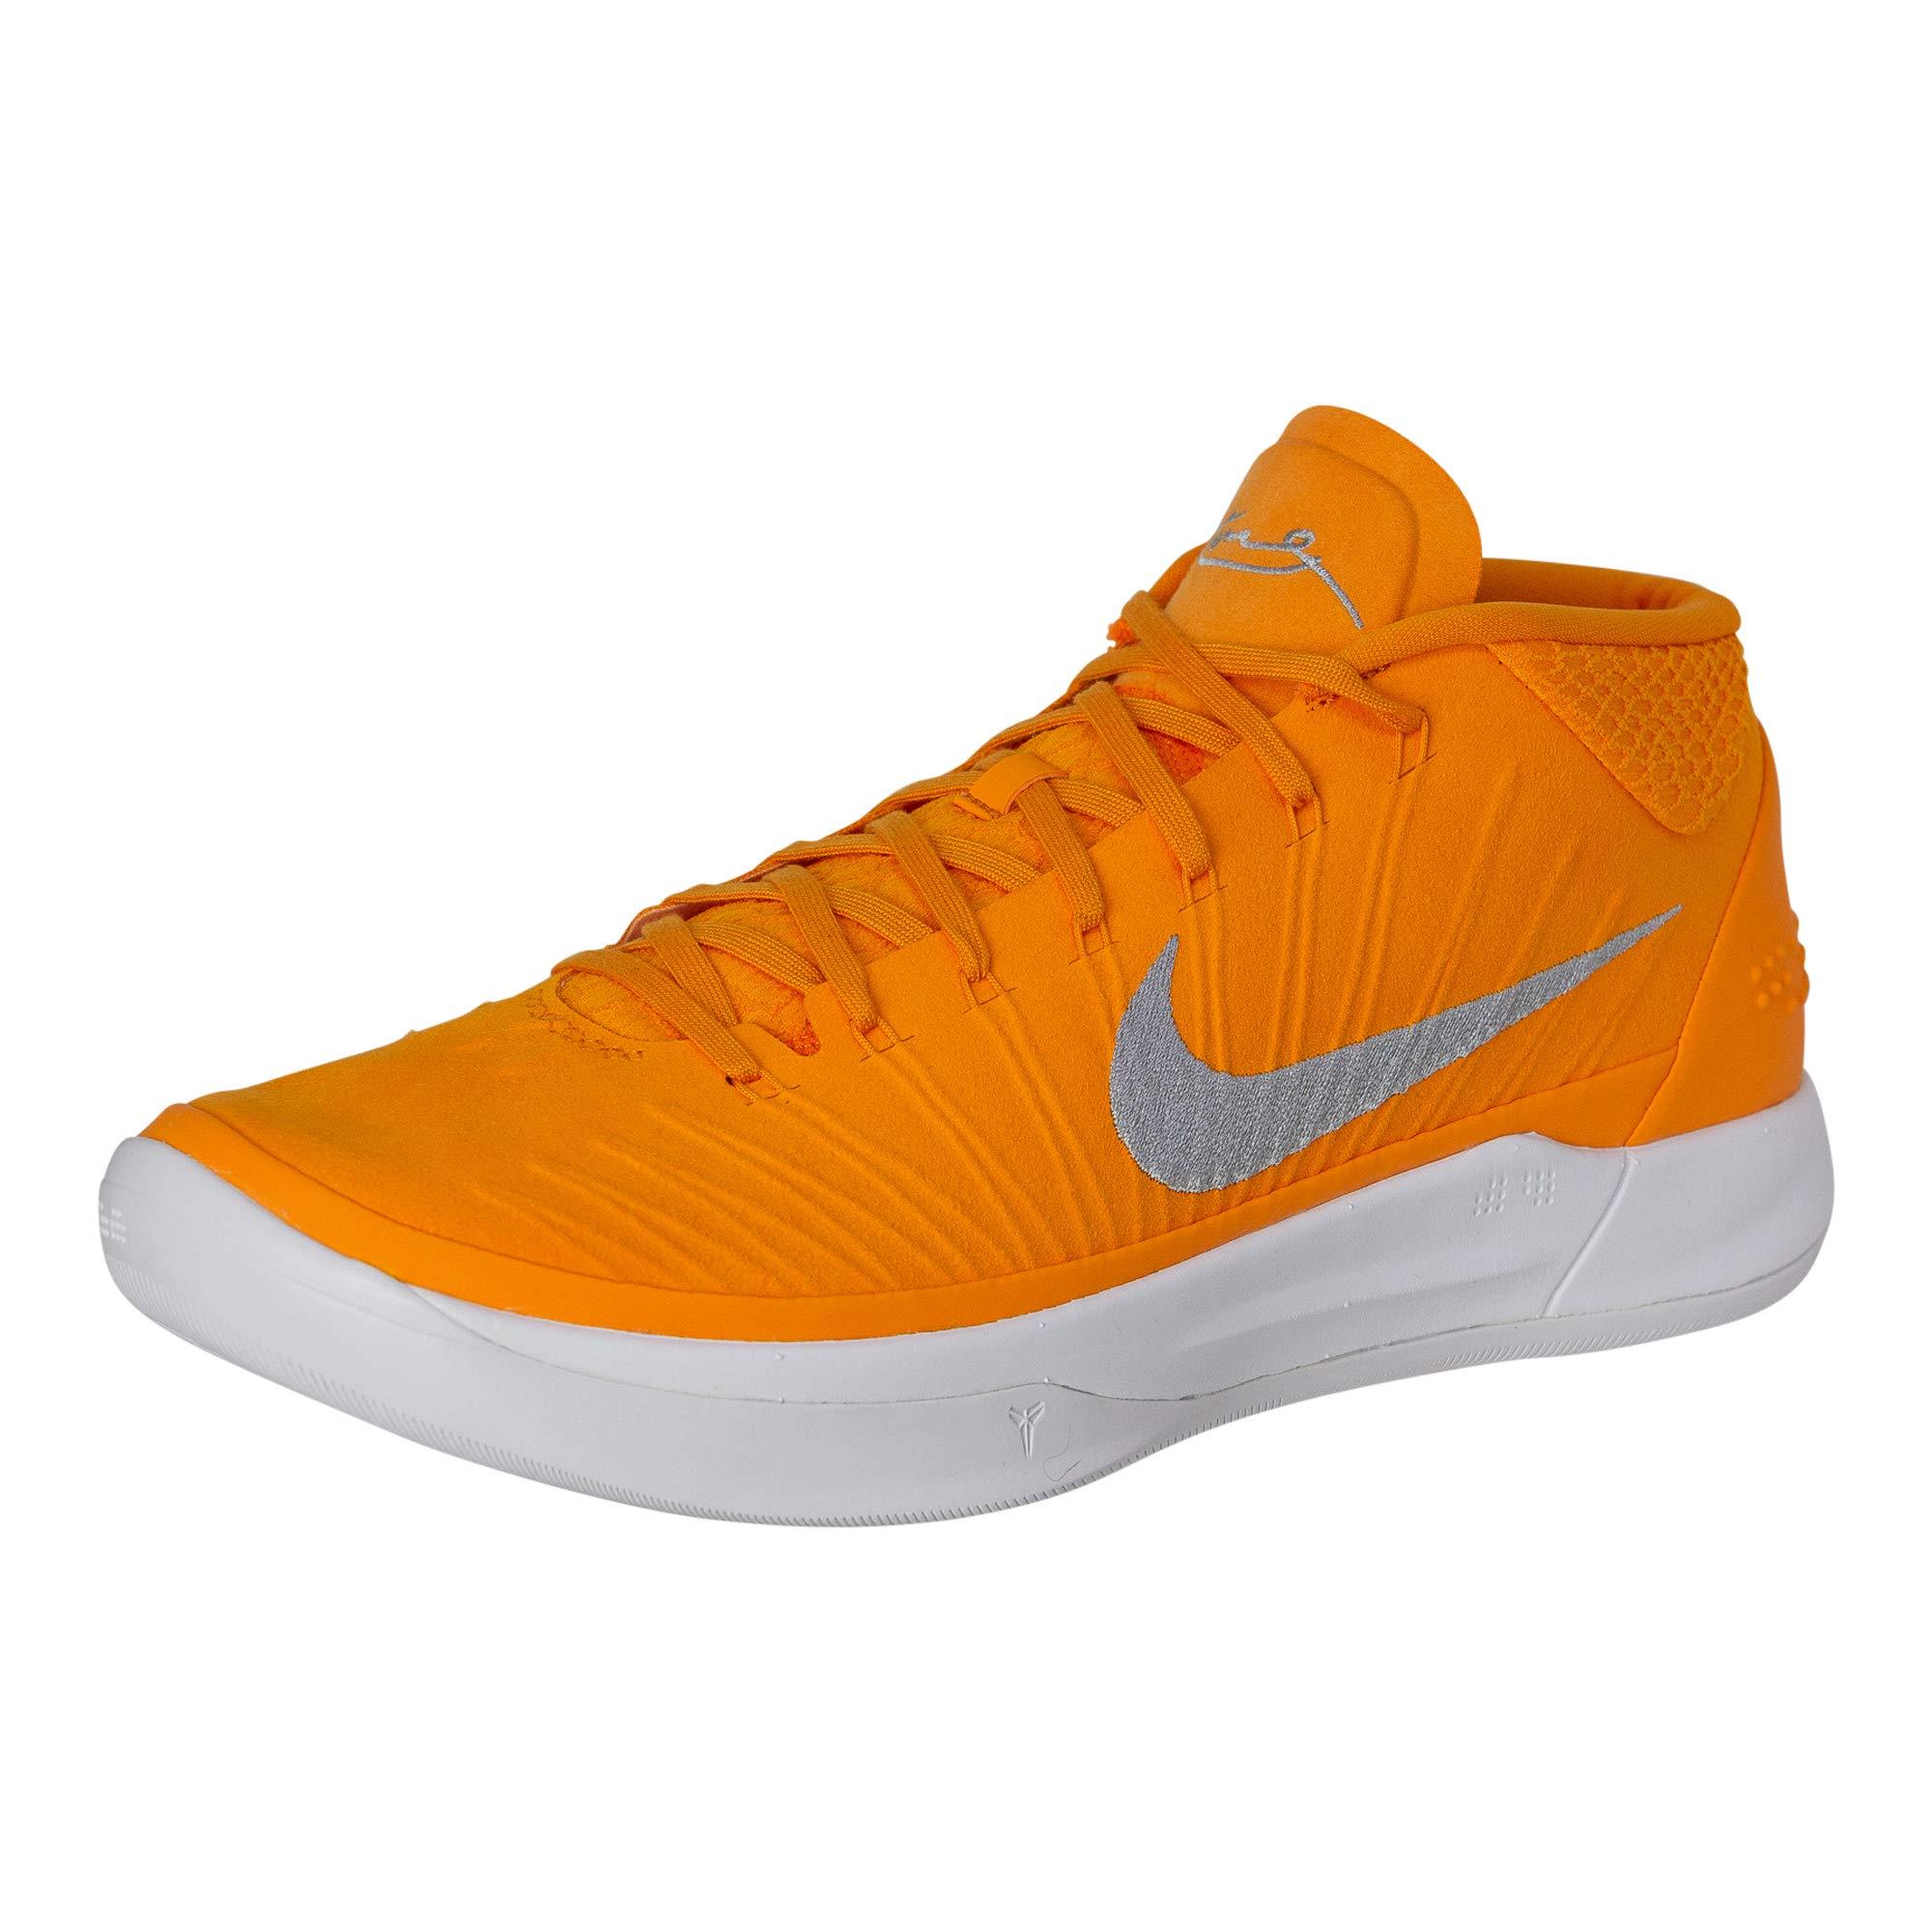 efeb1e93bb67 Galleon - NIKE Mens Kobe AD Basketball Shoes (12 M US